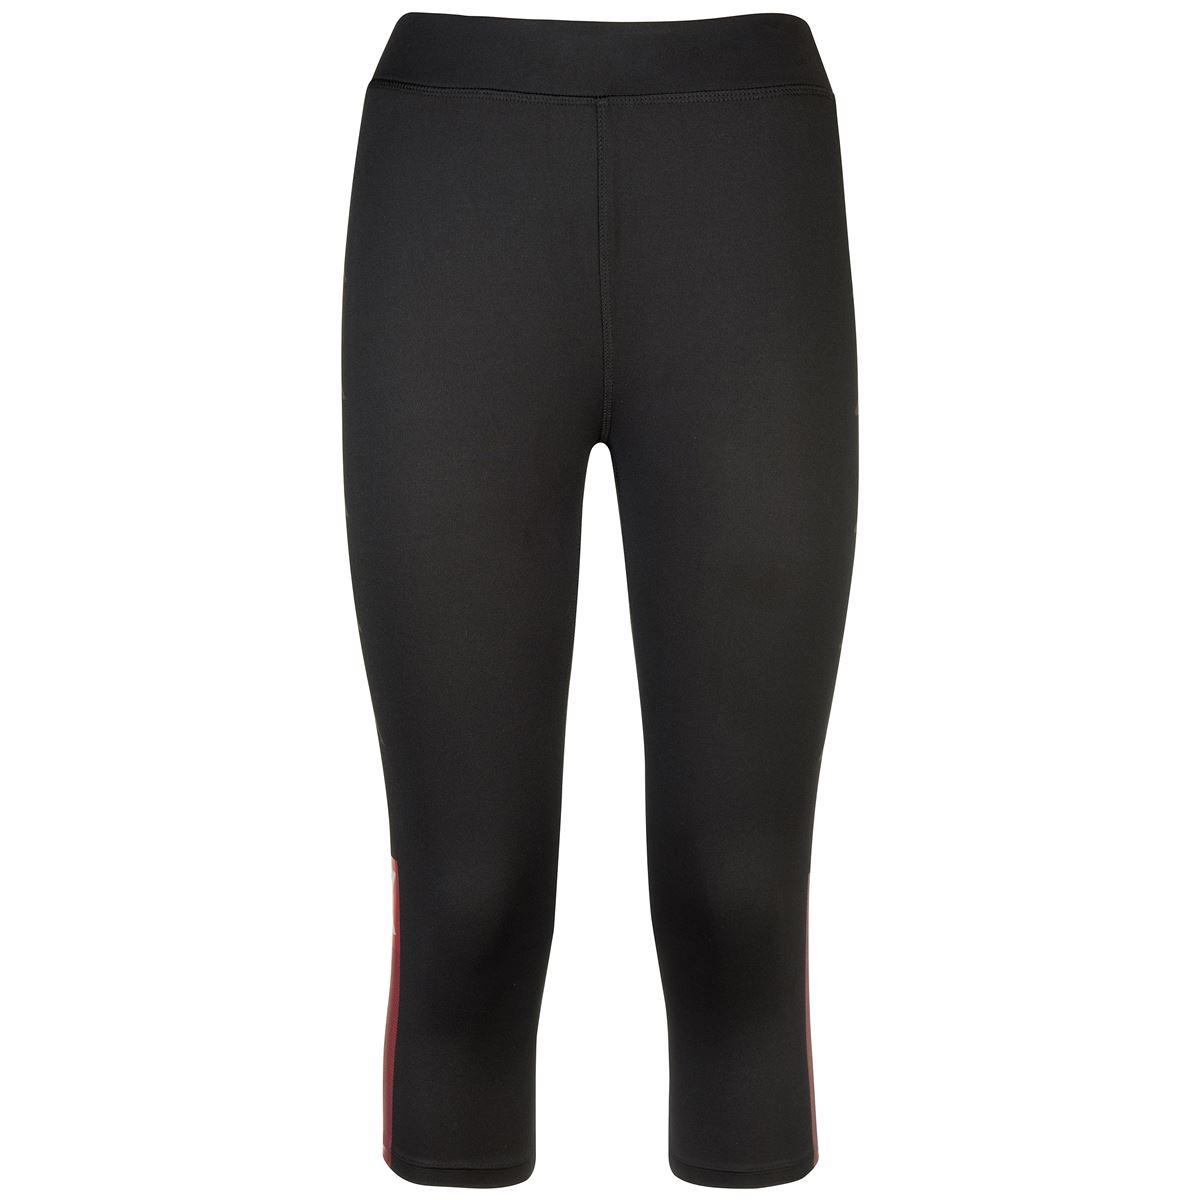 Kappa Pantaloni donna-304MDW0